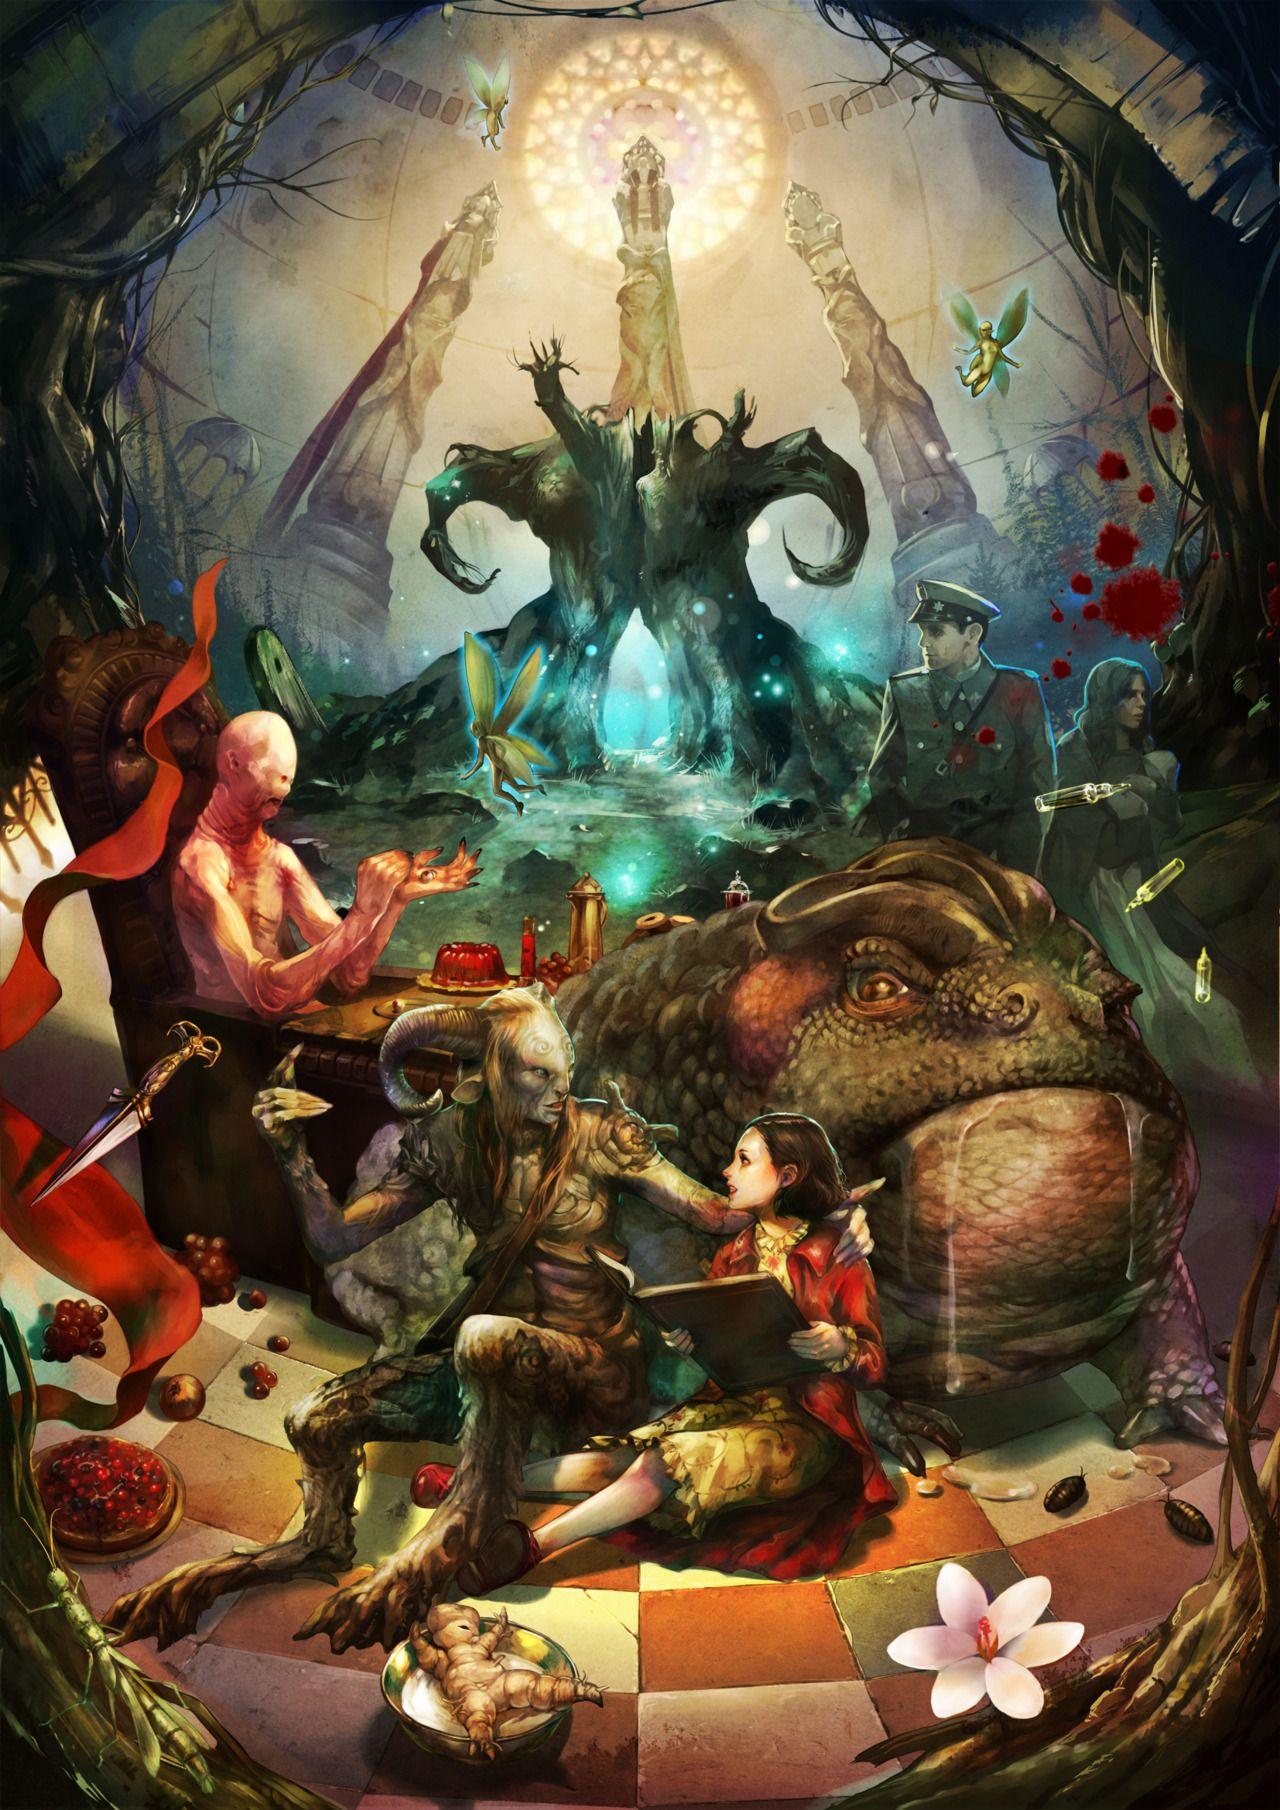 S E Pan S Labyrinth Ilustraciones Produccion Artistica Laberintos